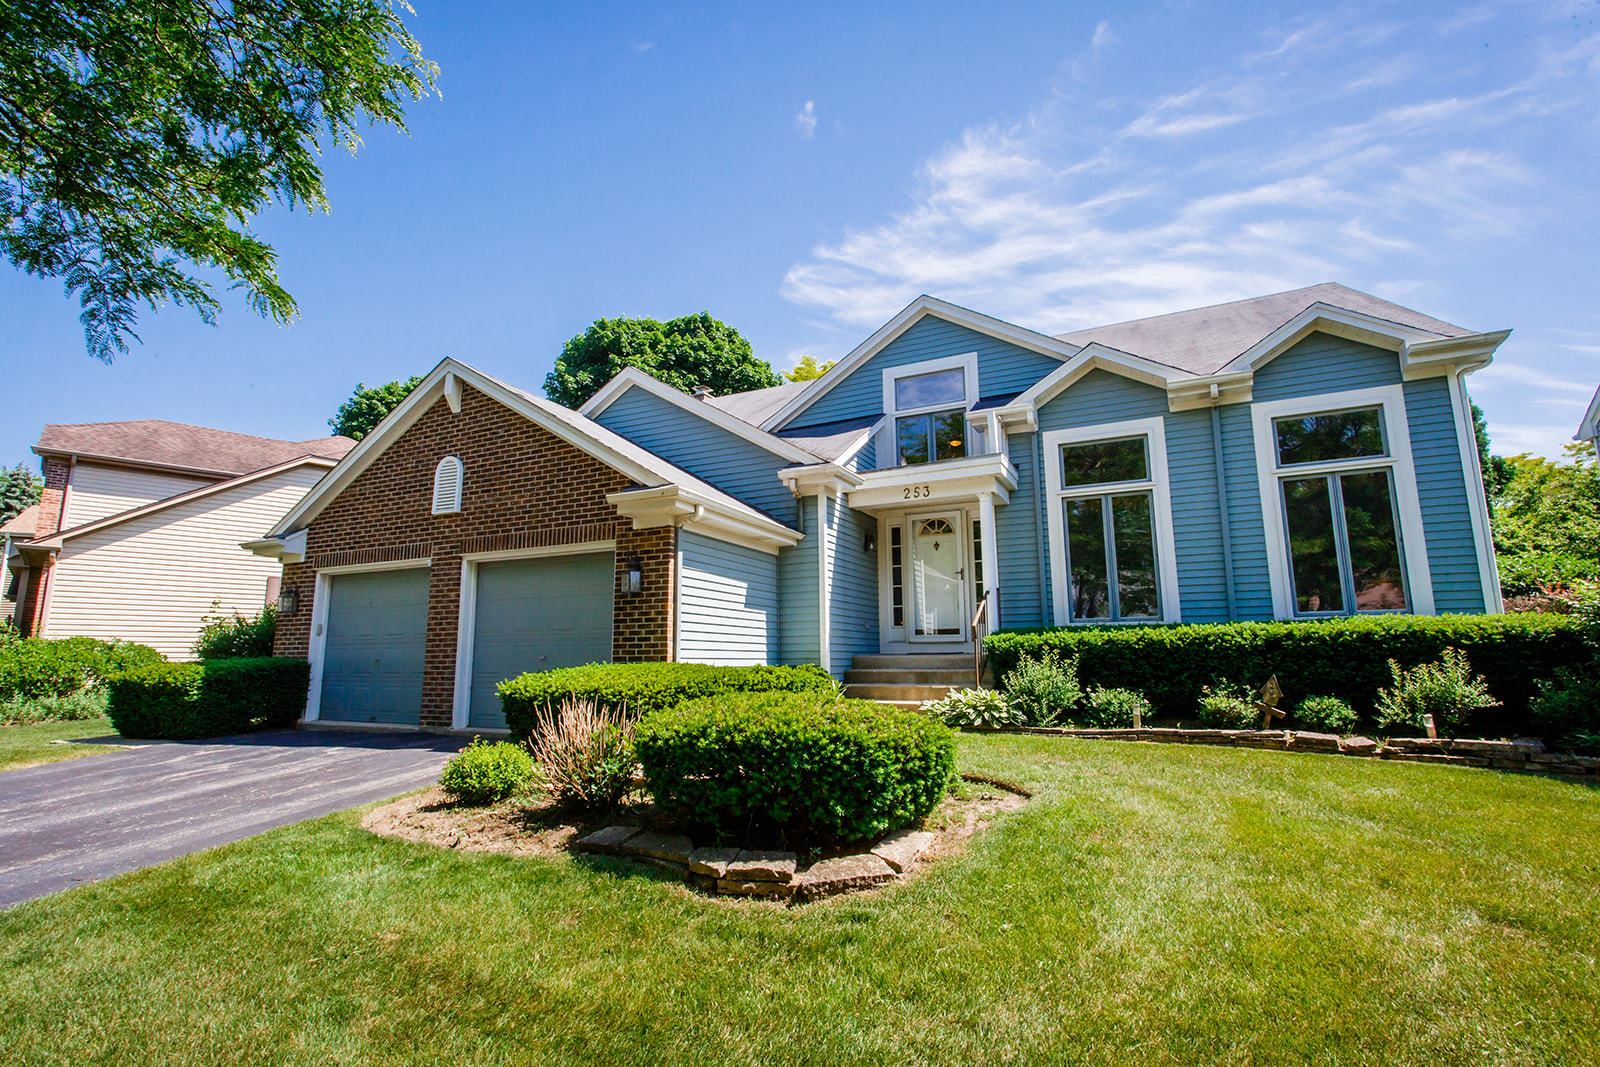 253 Southfield Drive, Vernon Hills, IL 60061 - #: 10707008